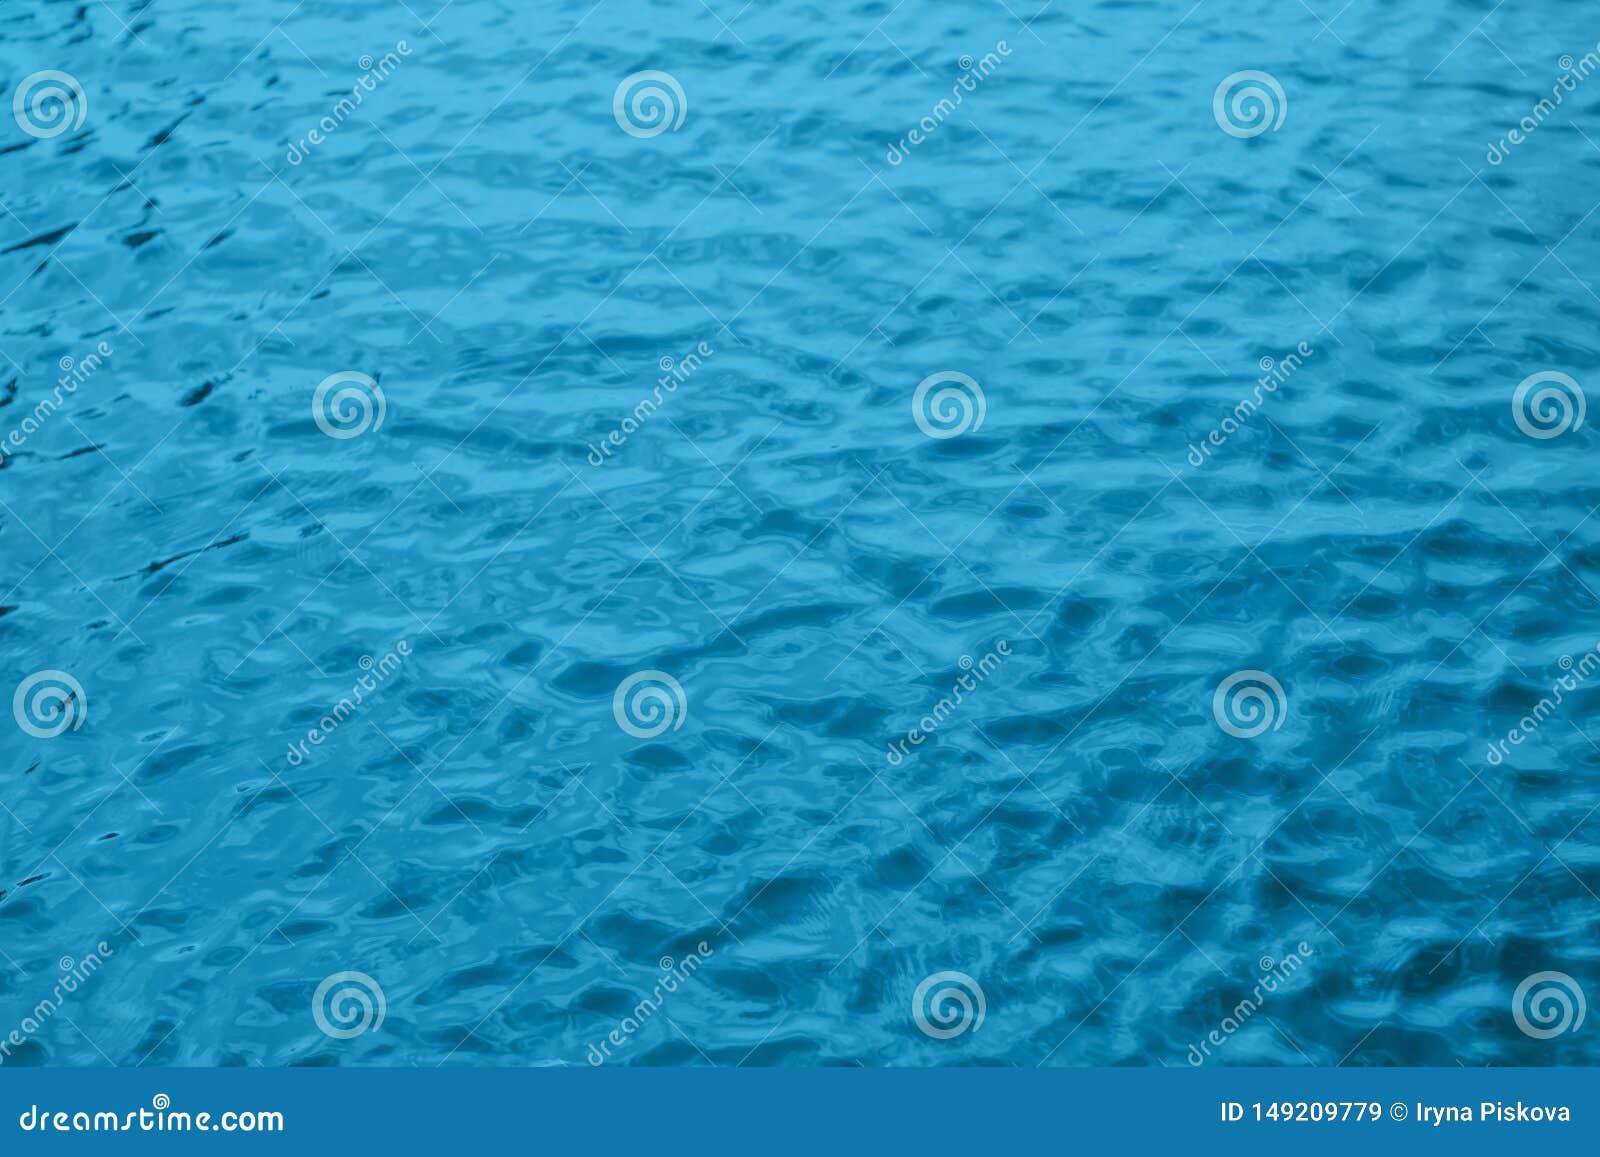 Primo piano del movimento dell acqua, struttura dell ondulazione dell acqua, fondo per i progettisti